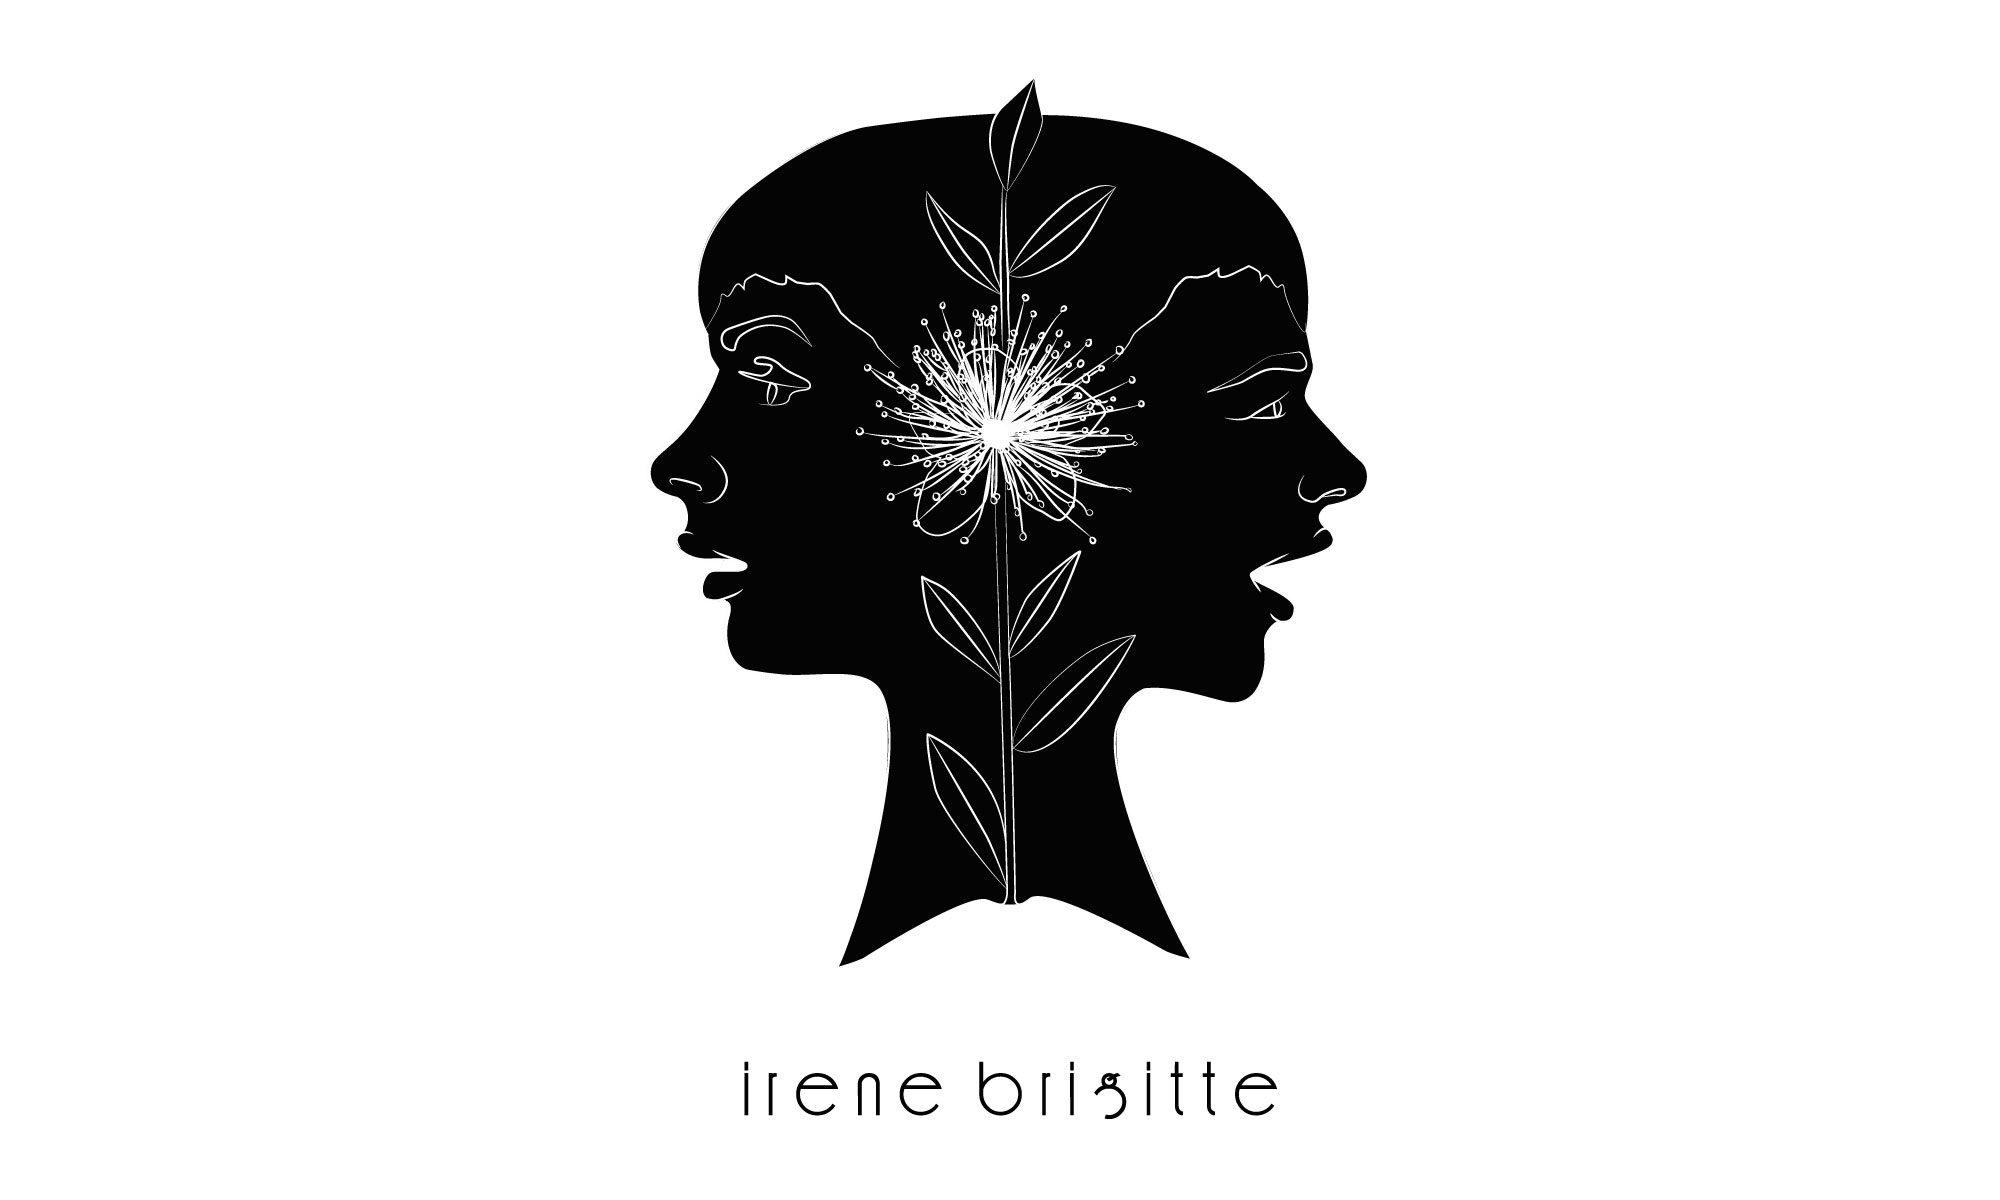 irene brigitte